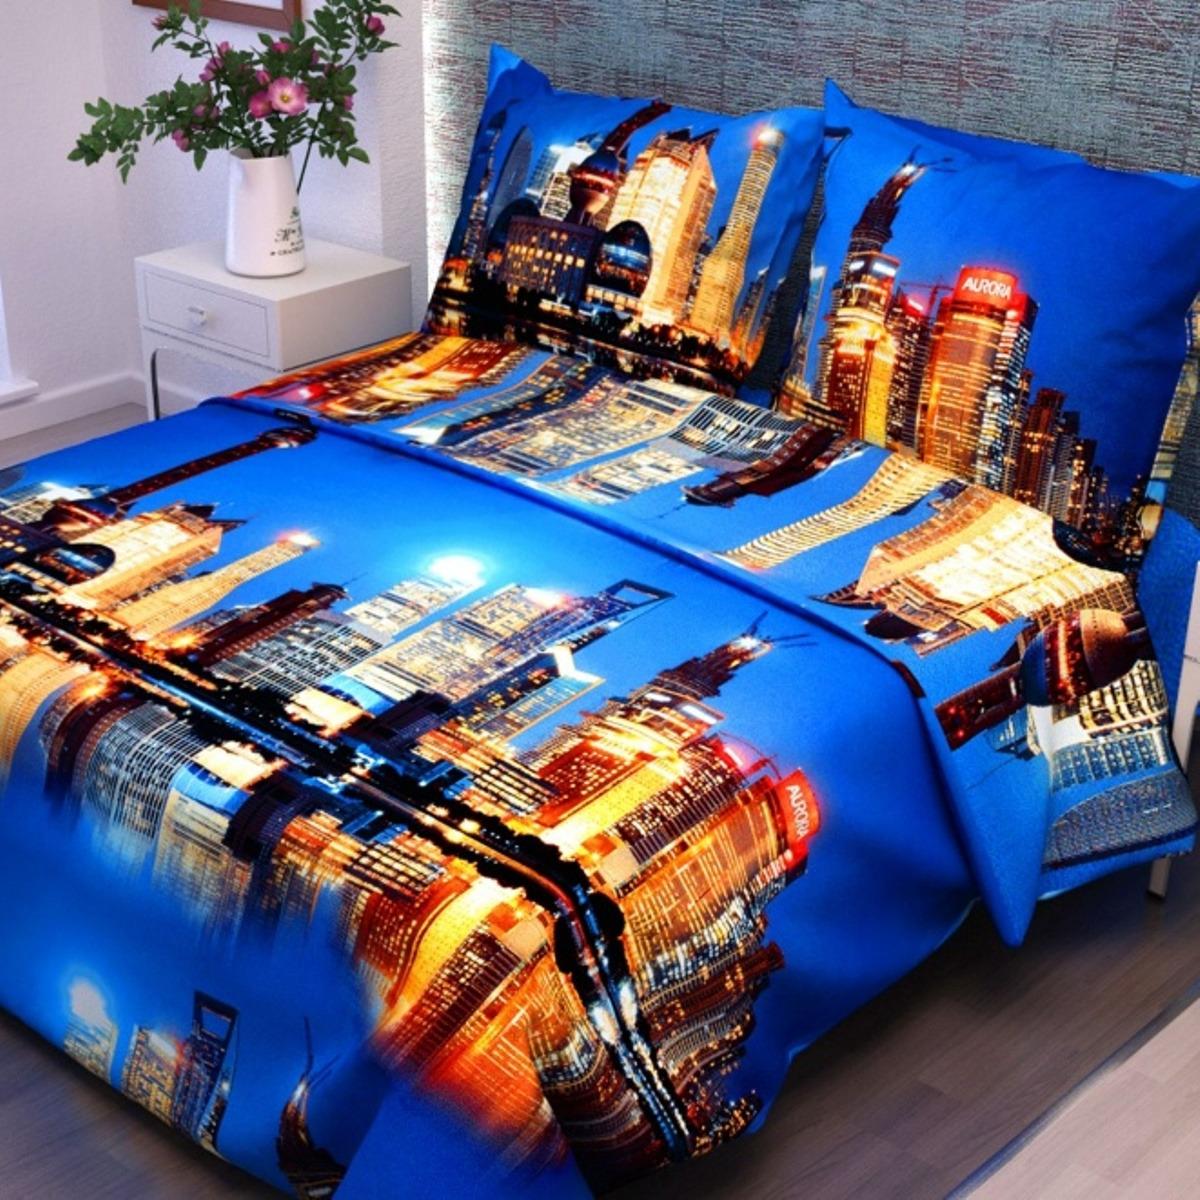 Комплект постельного белья Letto, B403-3, 1.5-спальный, наволочки 70х70, голубой